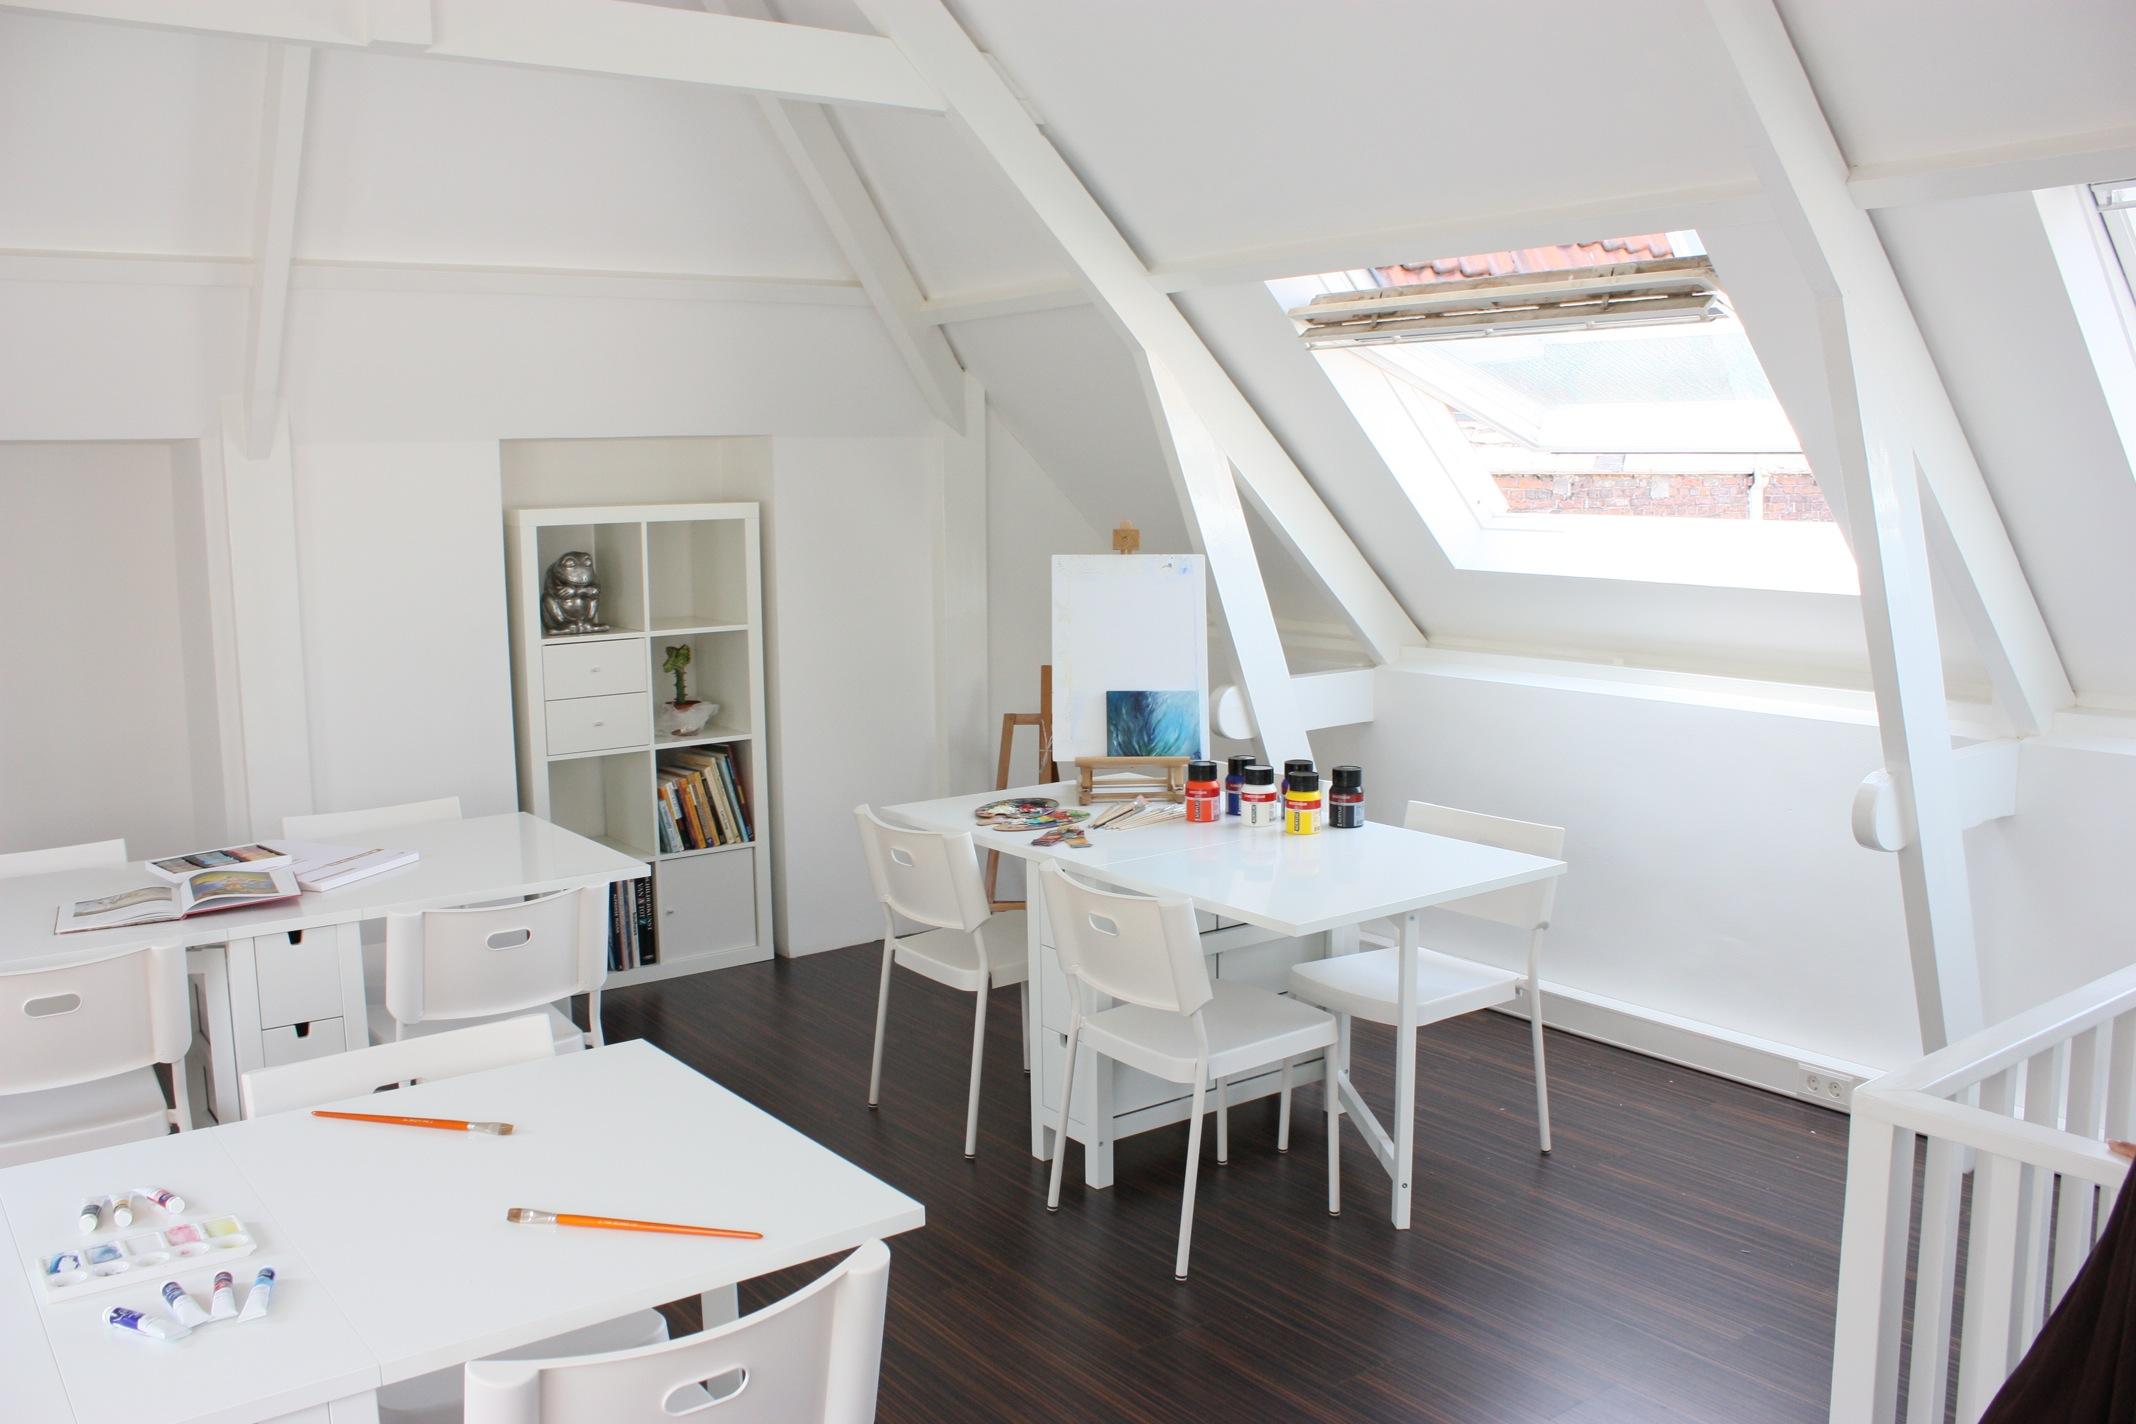 Bedrijfsruimte Haarlem Ridderstraat 33